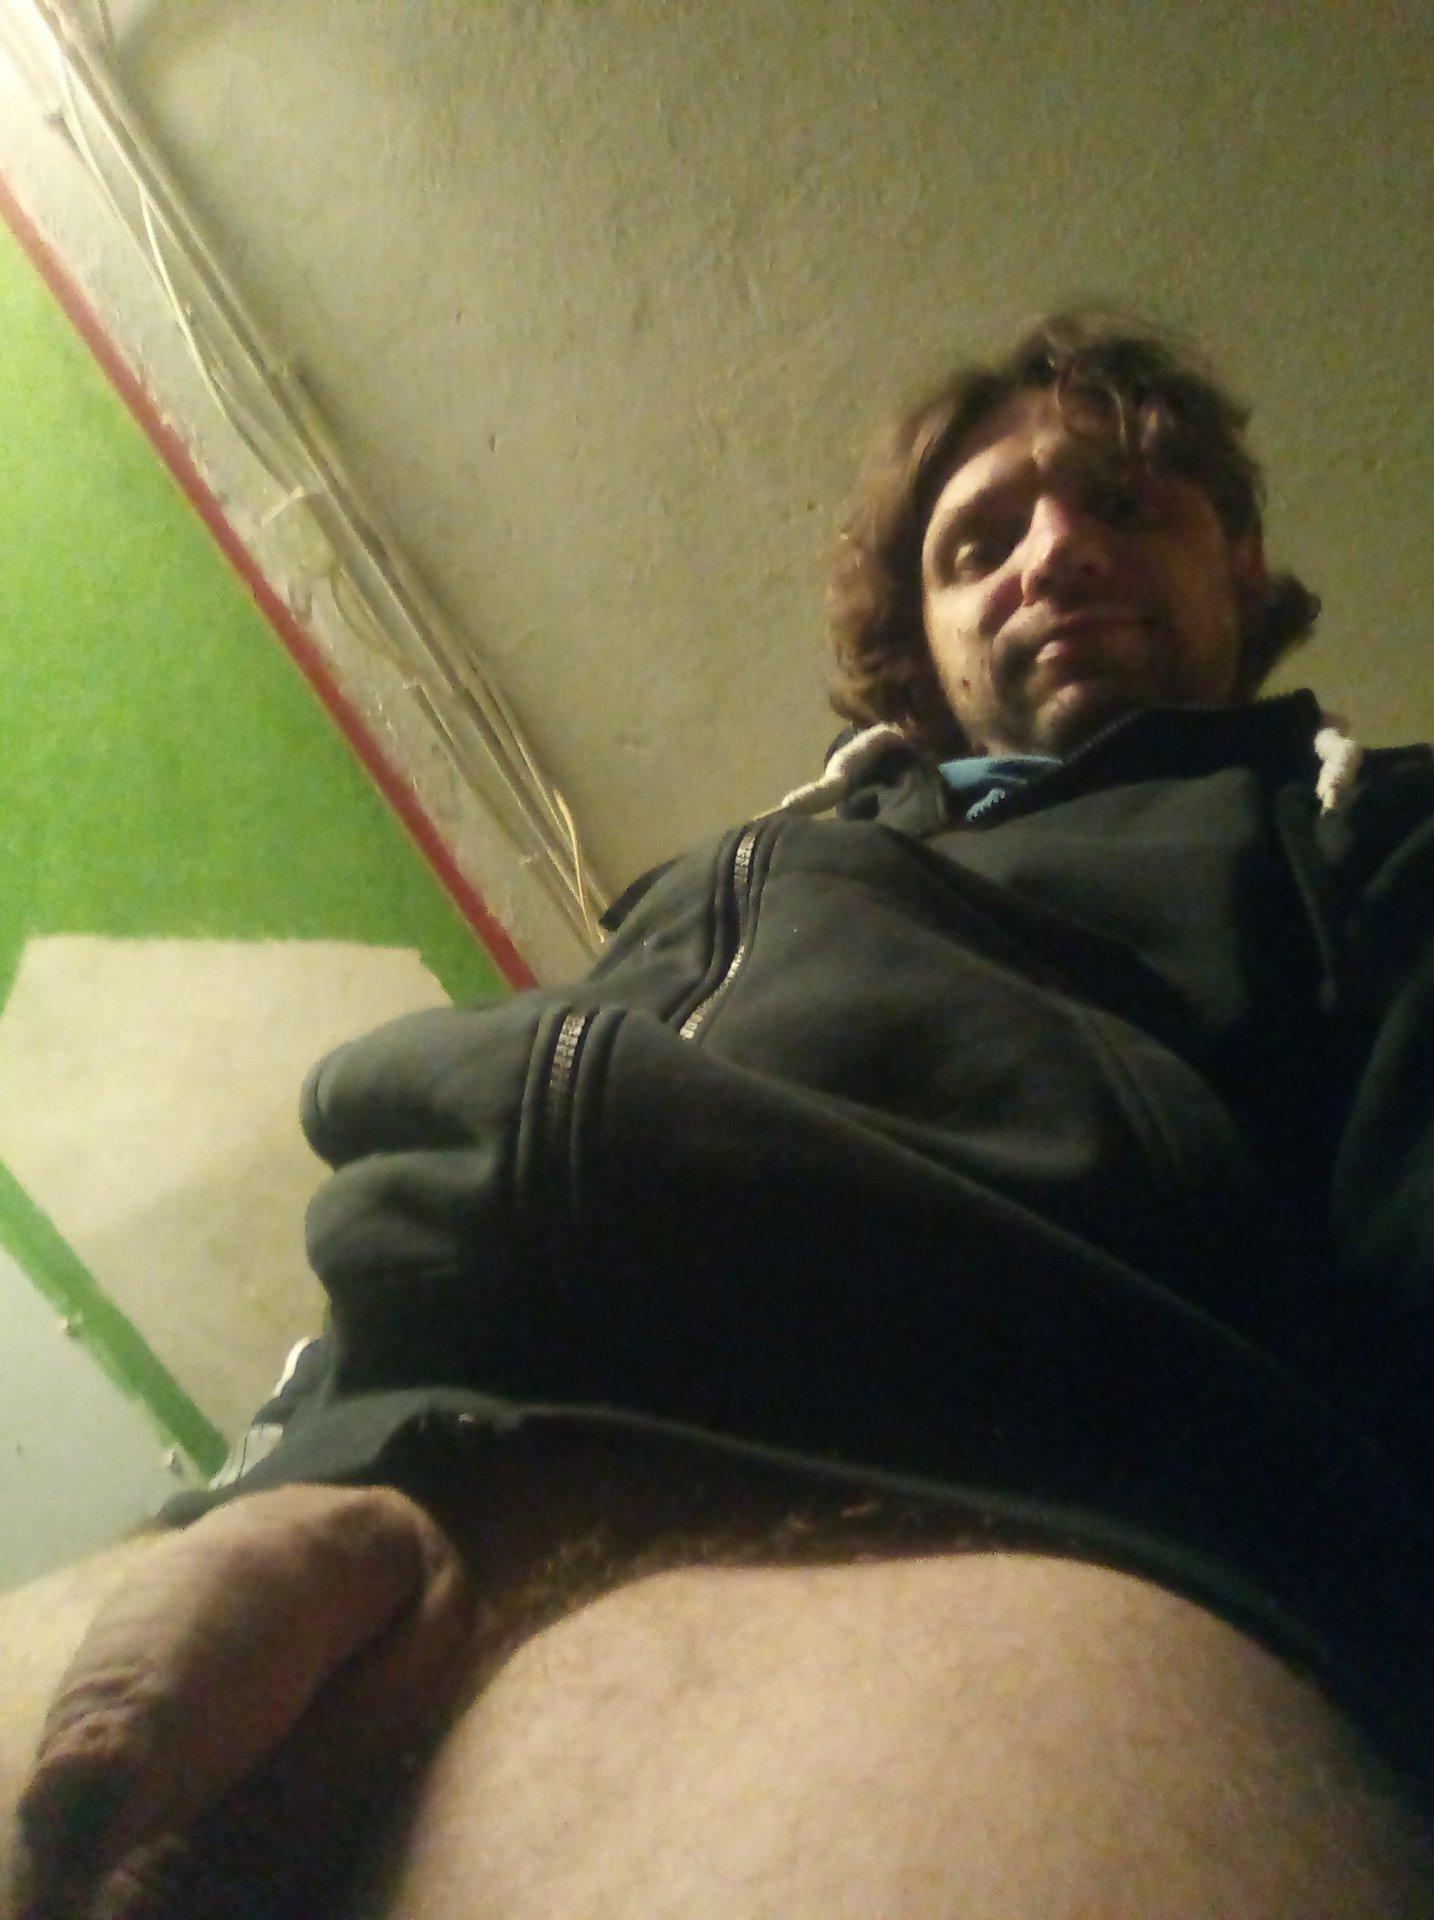 Marc69 aus Bayern,Deutschland